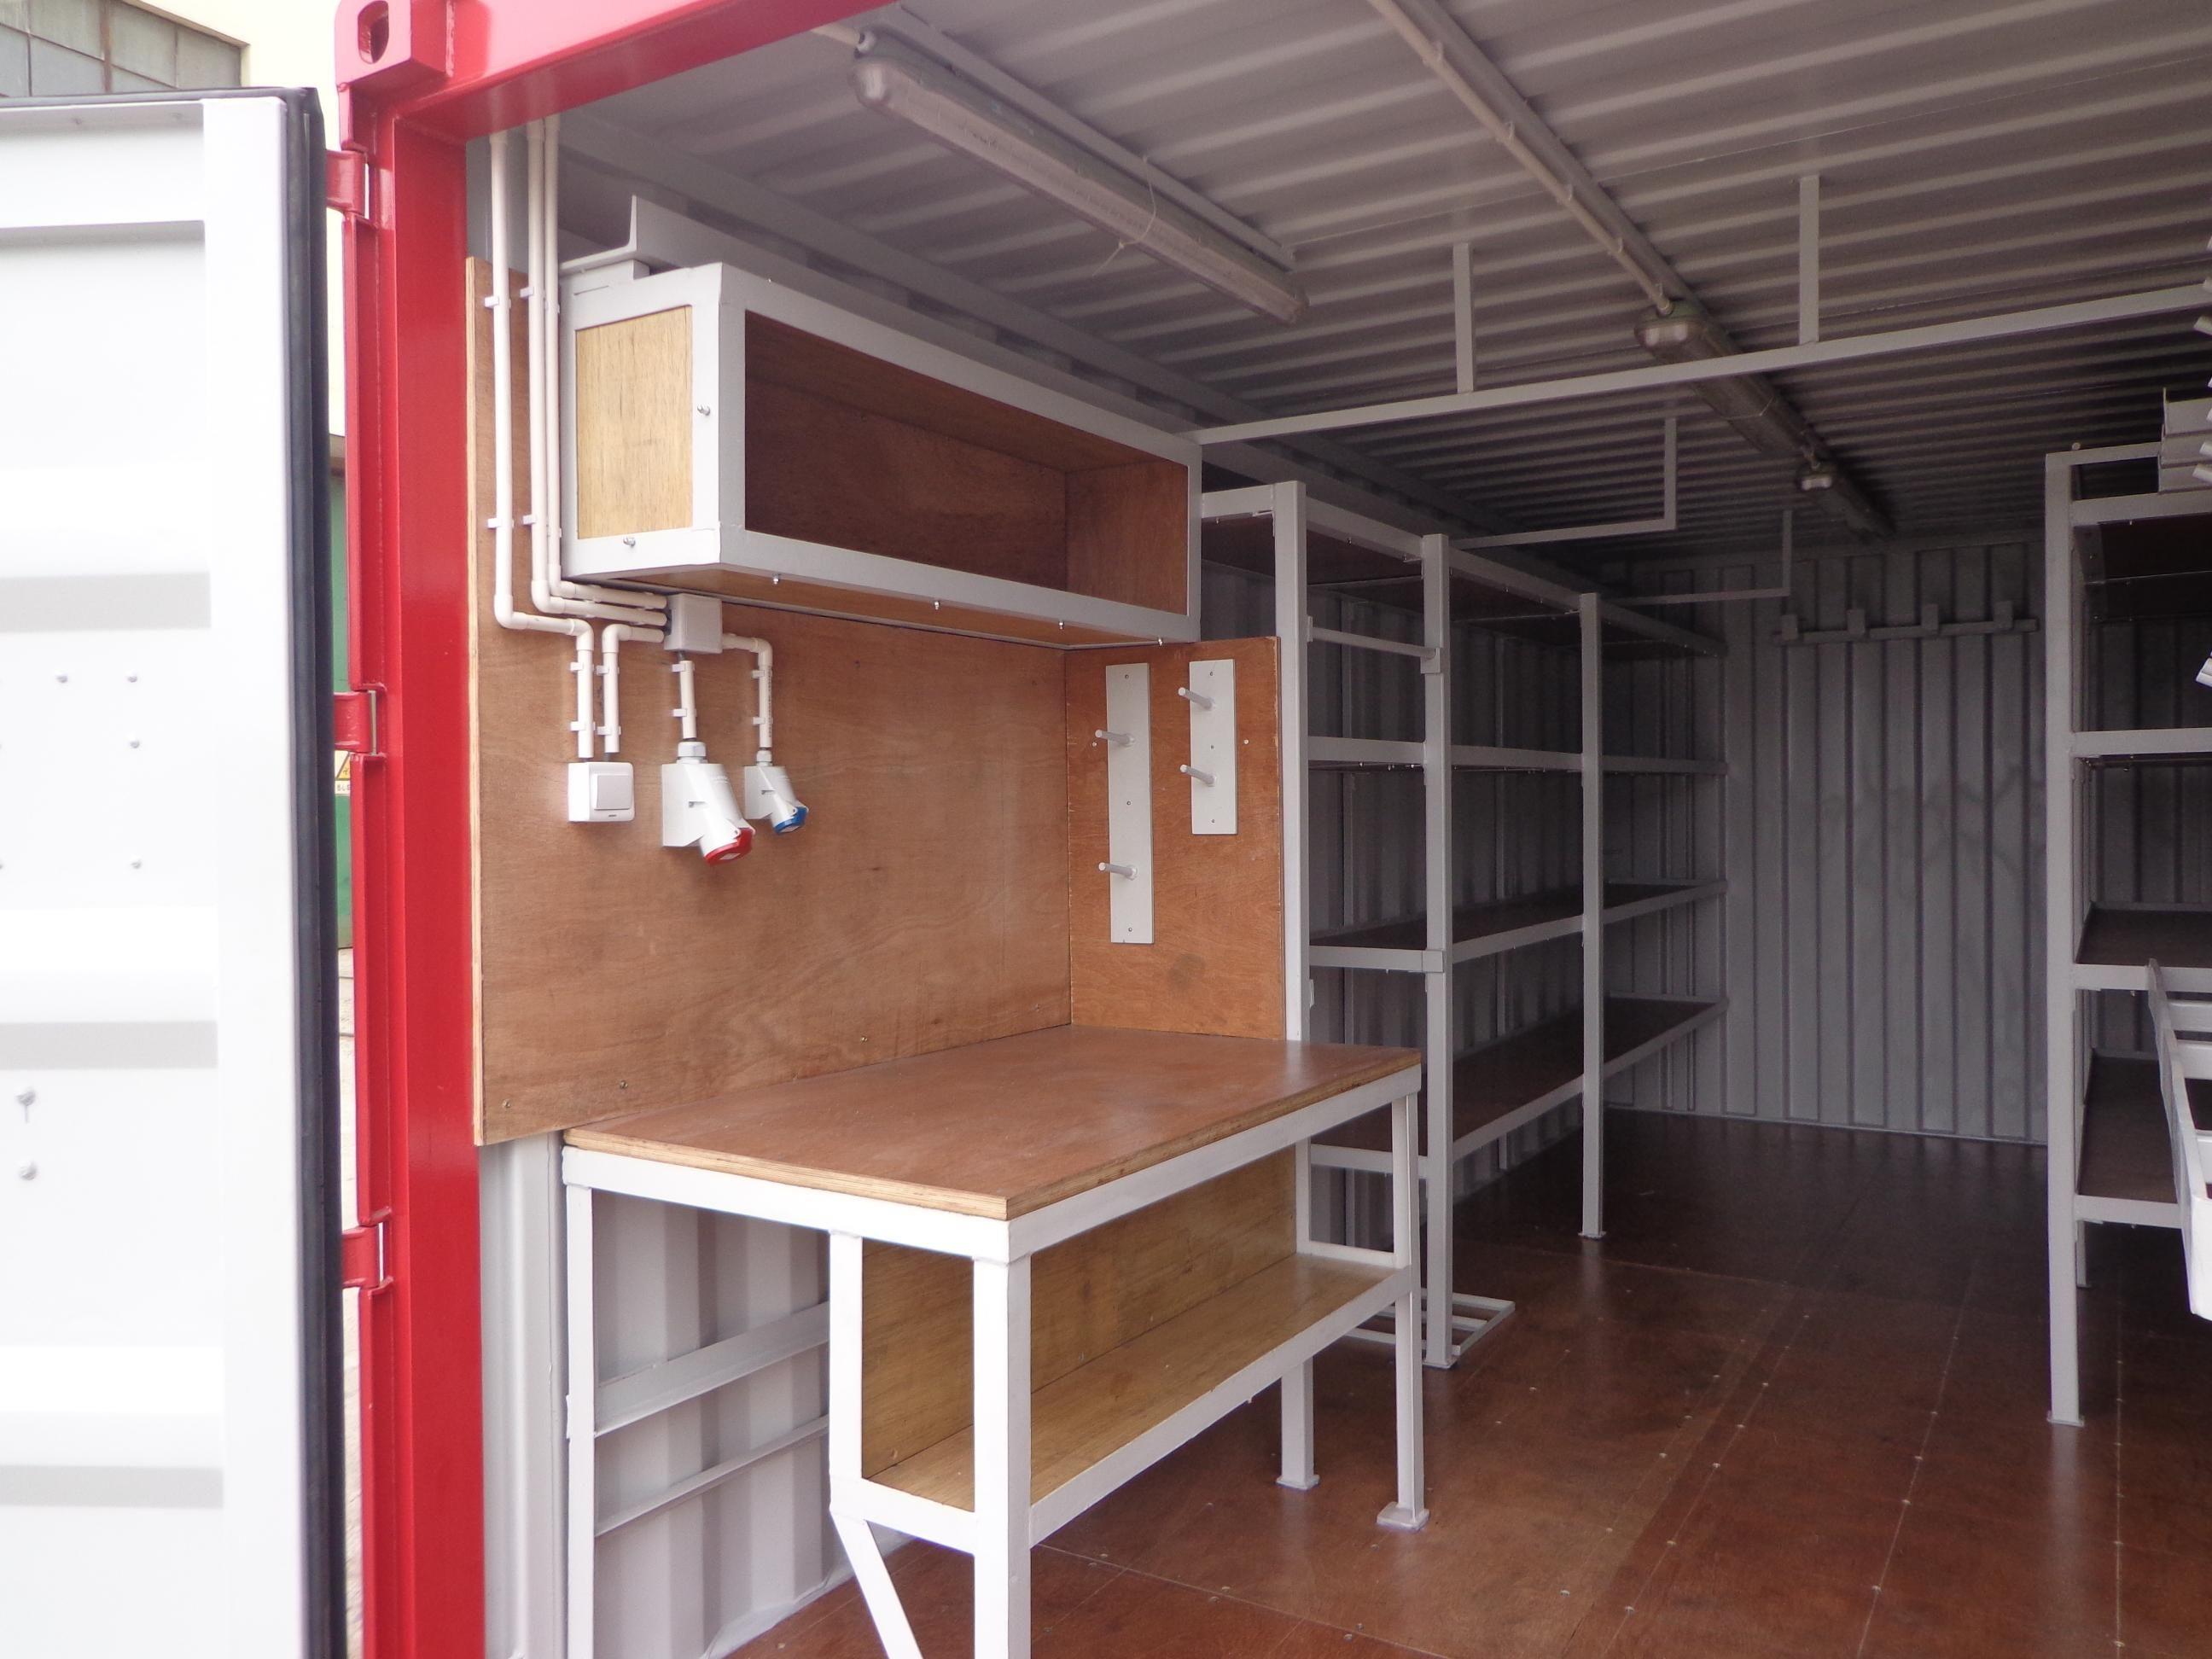 werkstattcontainer neucontainer gebrauchtcontainer spezialcontainer hamburg container. Black Bedroom Furniture Sets. Home Design Ideas